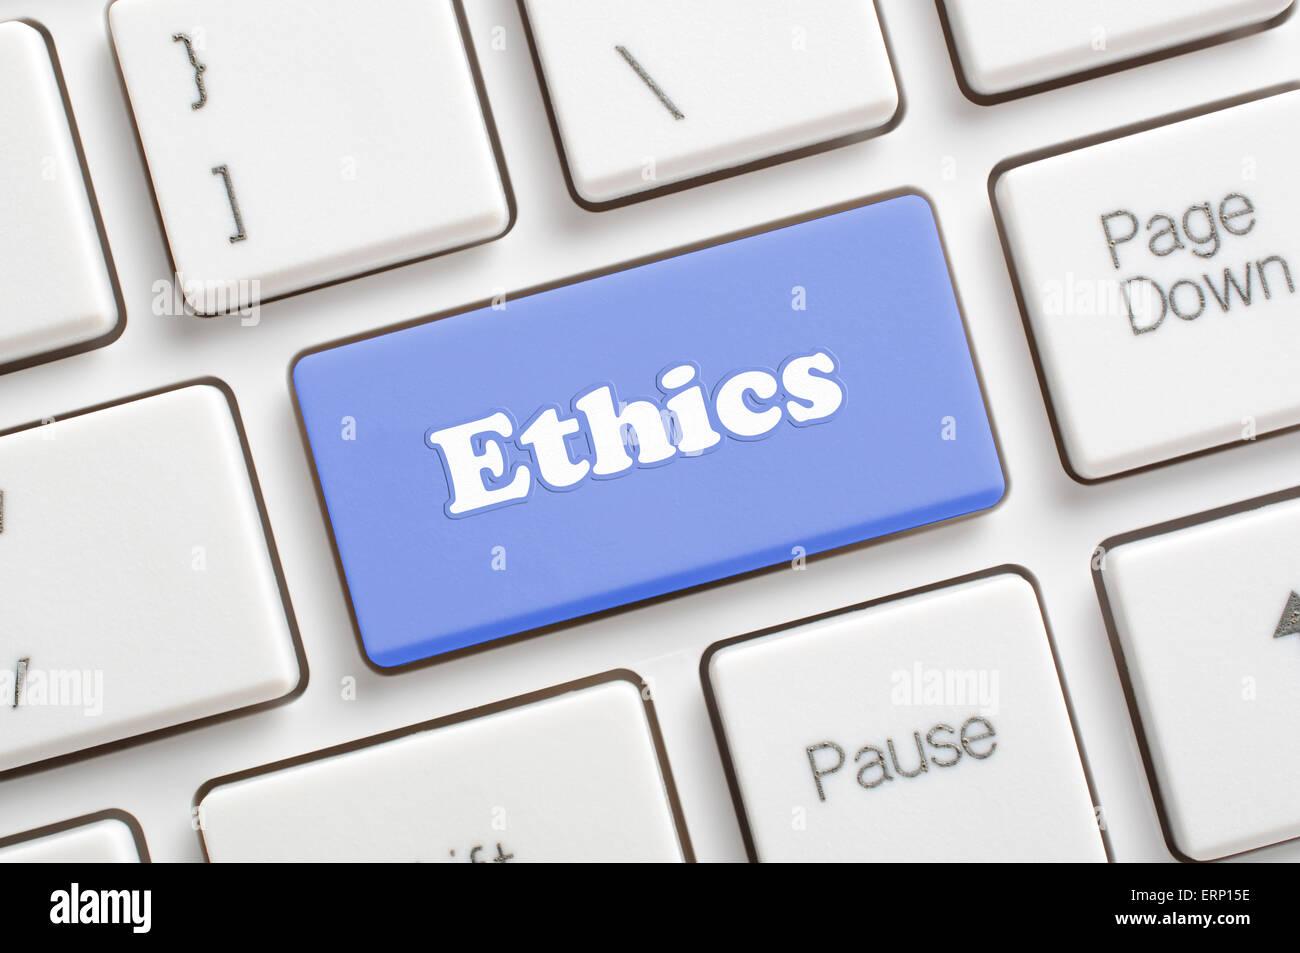 Blue ethics key on keyboard - Stock Image